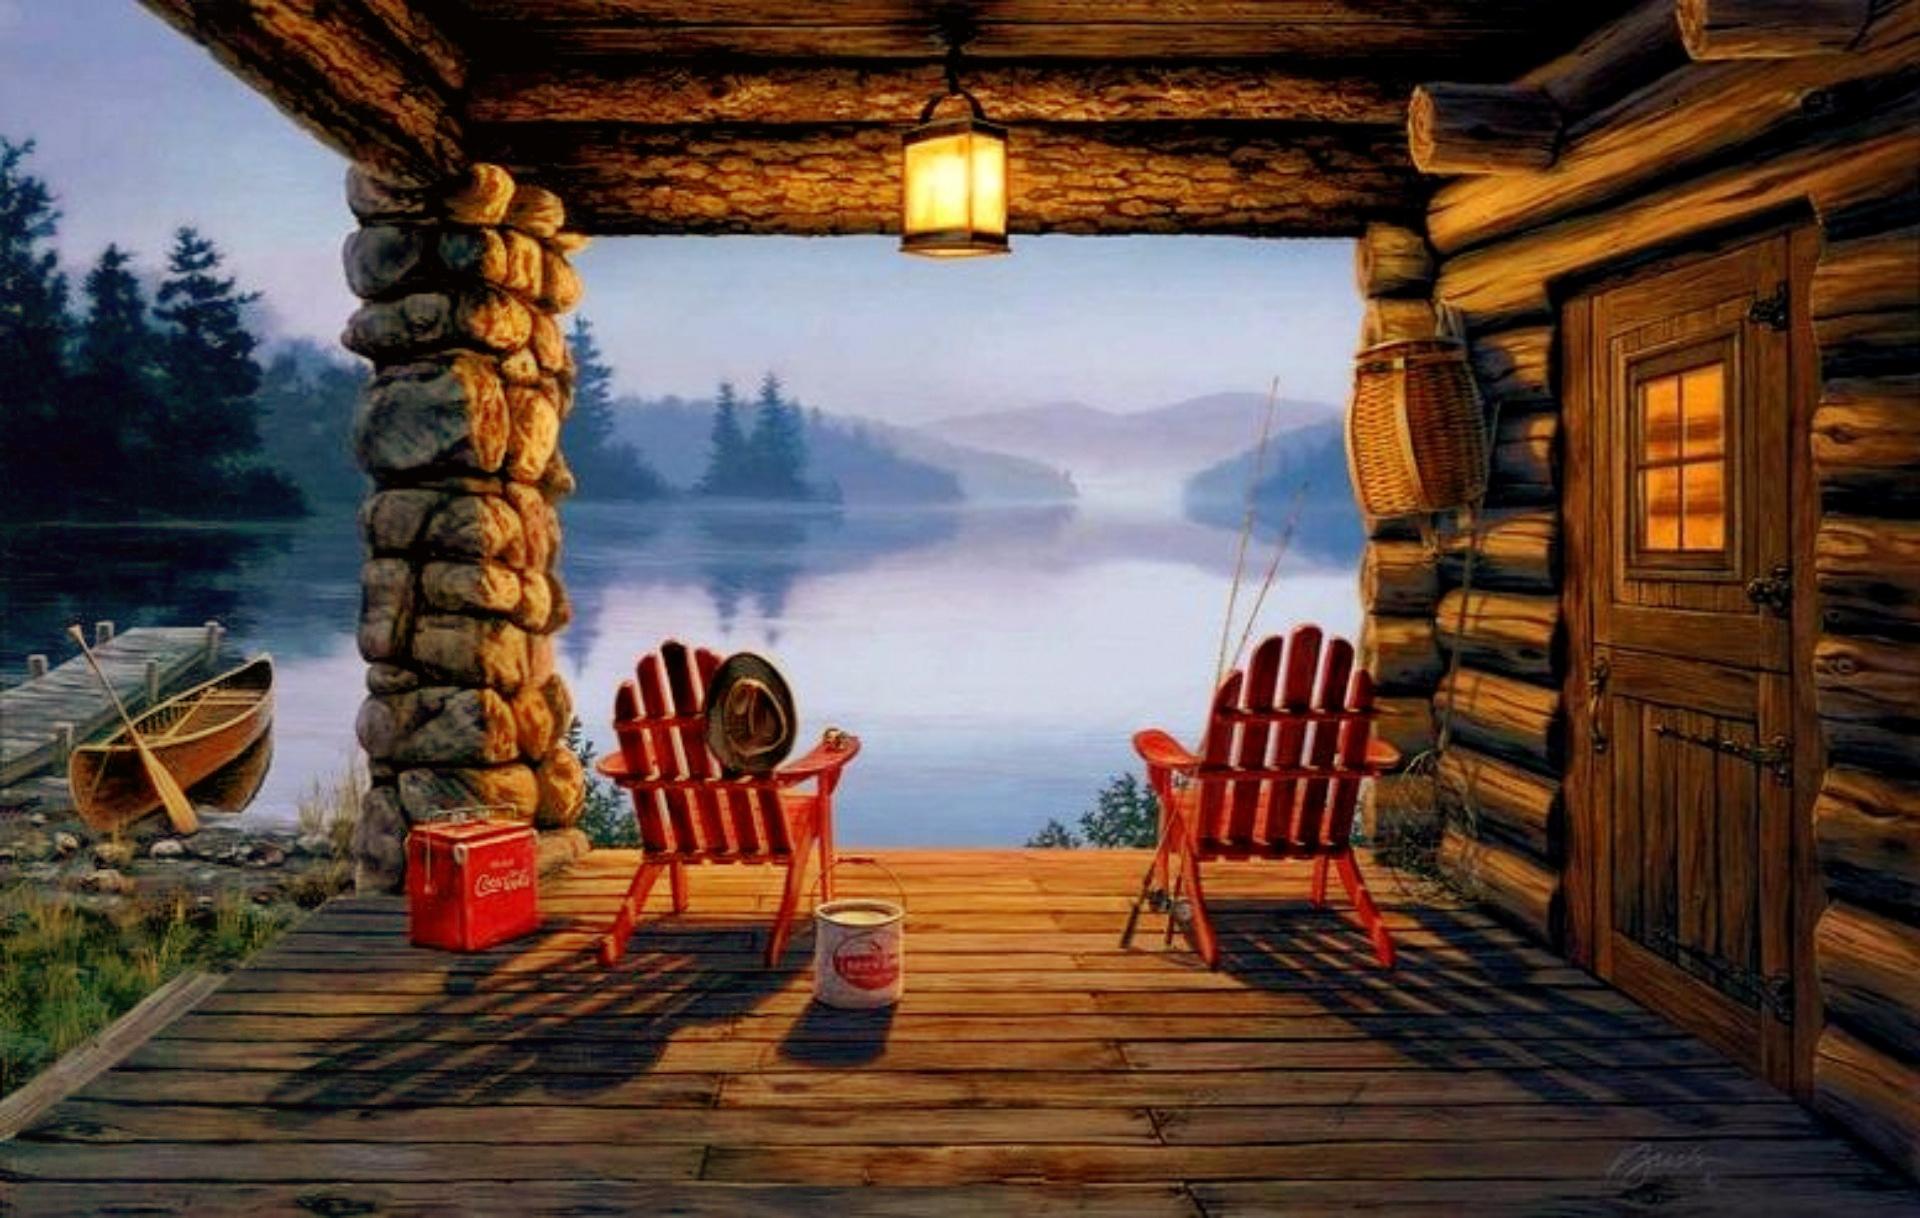 Картинка домик рыбака